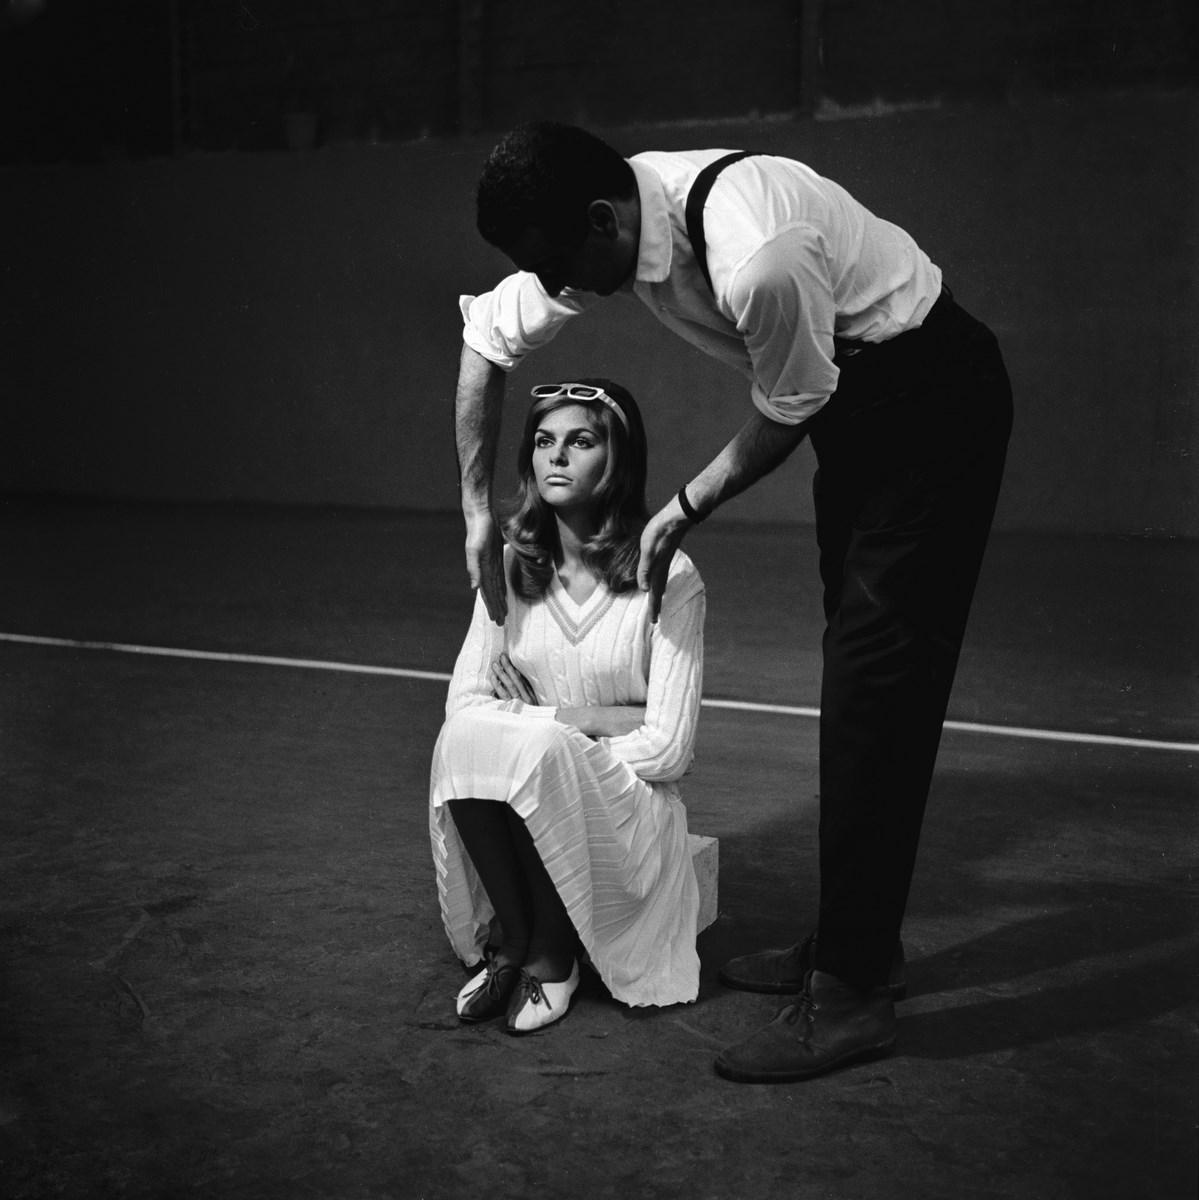 Tadeusz Rolke, Bez tytułu, Paryż 1965 / Untitled, Paris 1965 © Tadeusz Rolke